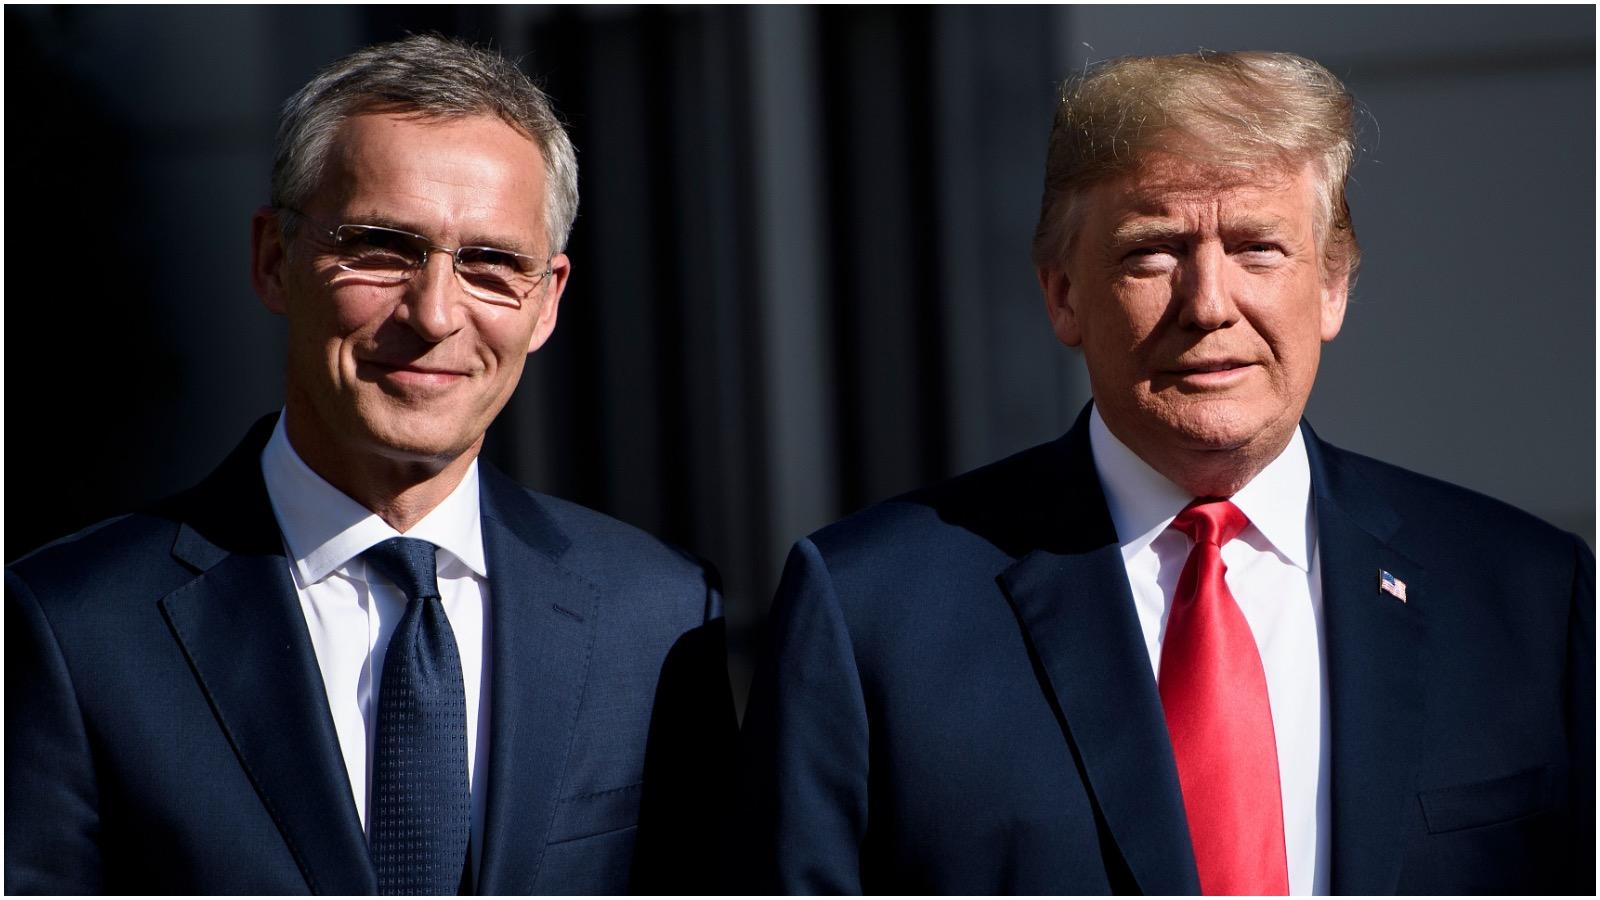 Peter Viggo Jakobsen: Europa og USA er gensidigt afhængige